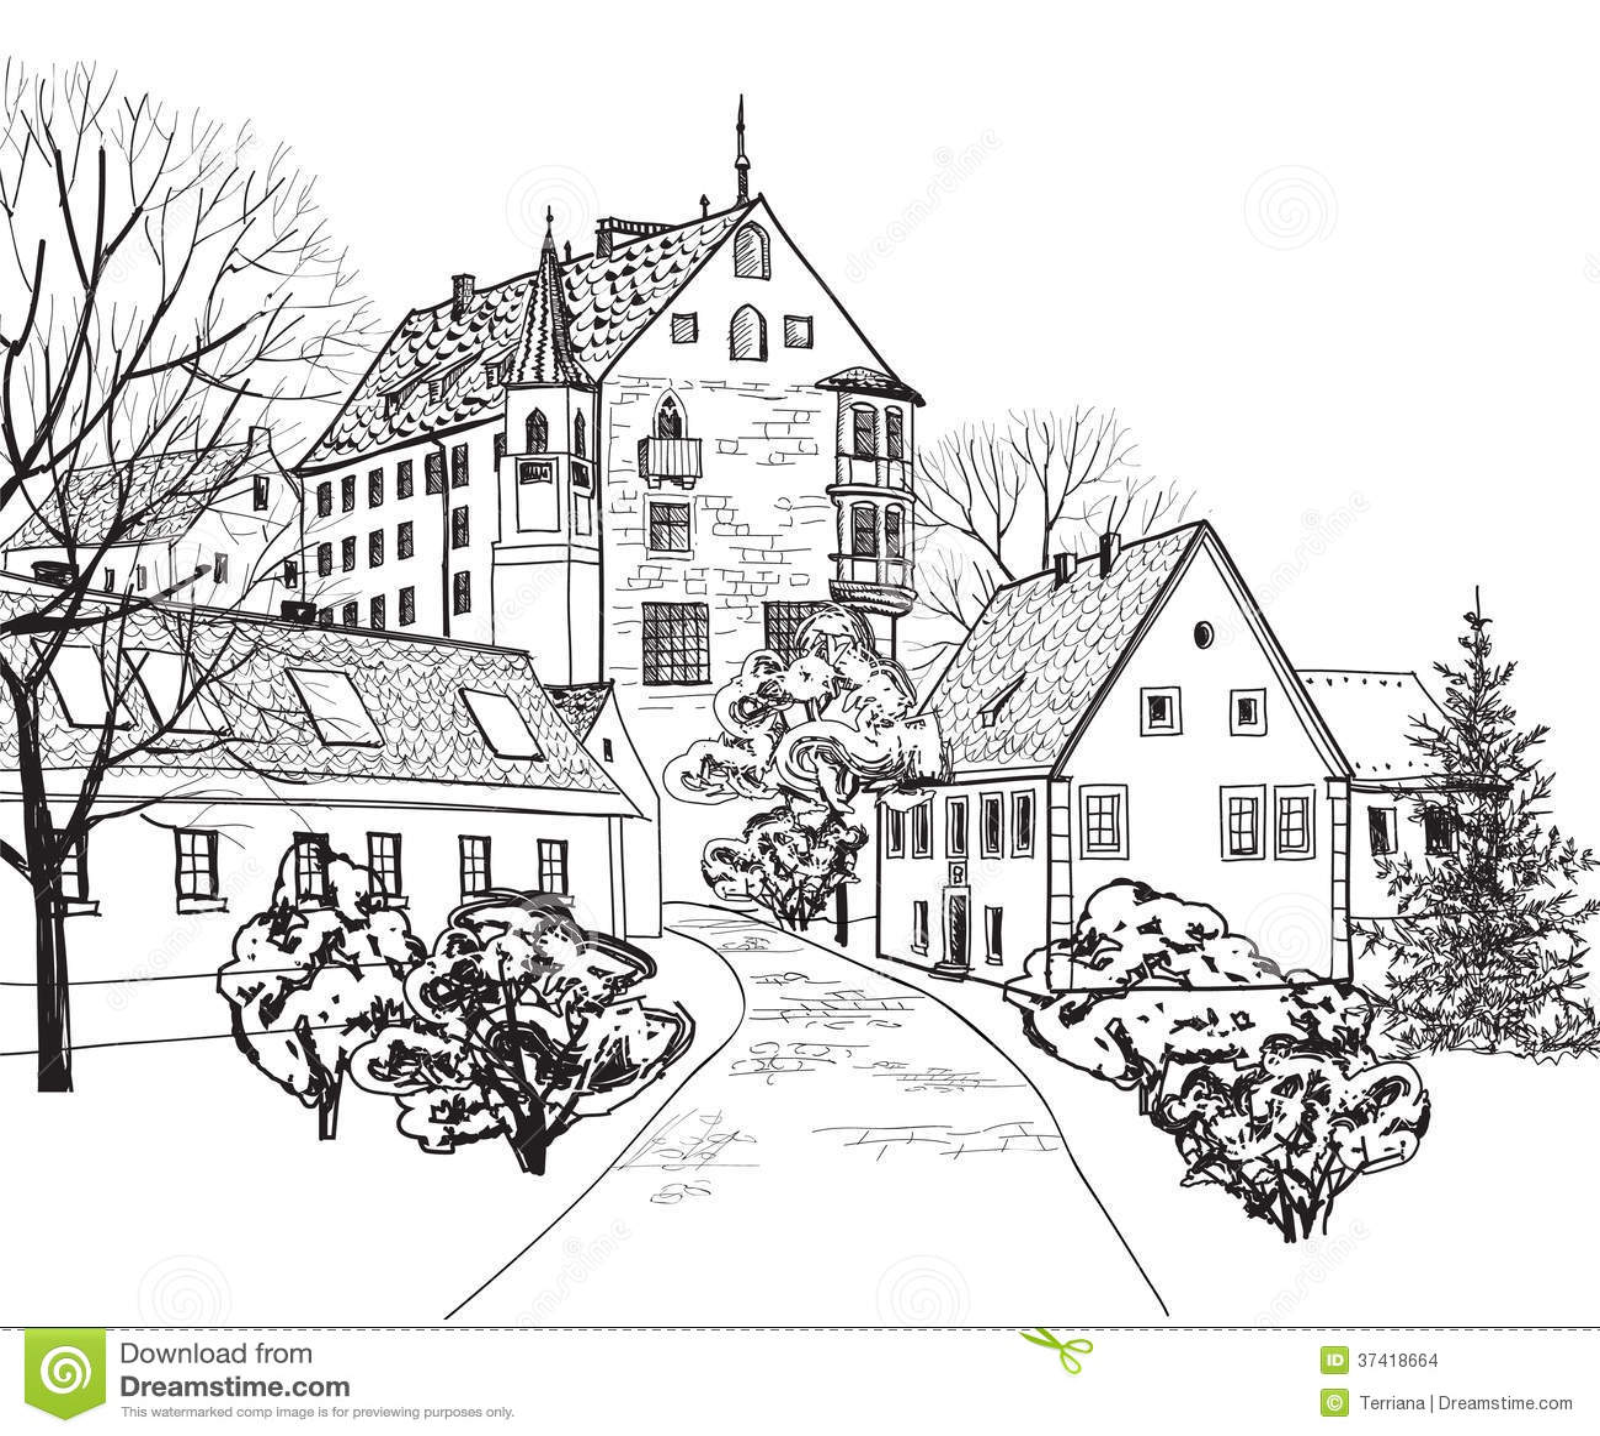 Altes Stadtstadtbild Mit Stra E Skizze Des Historischen